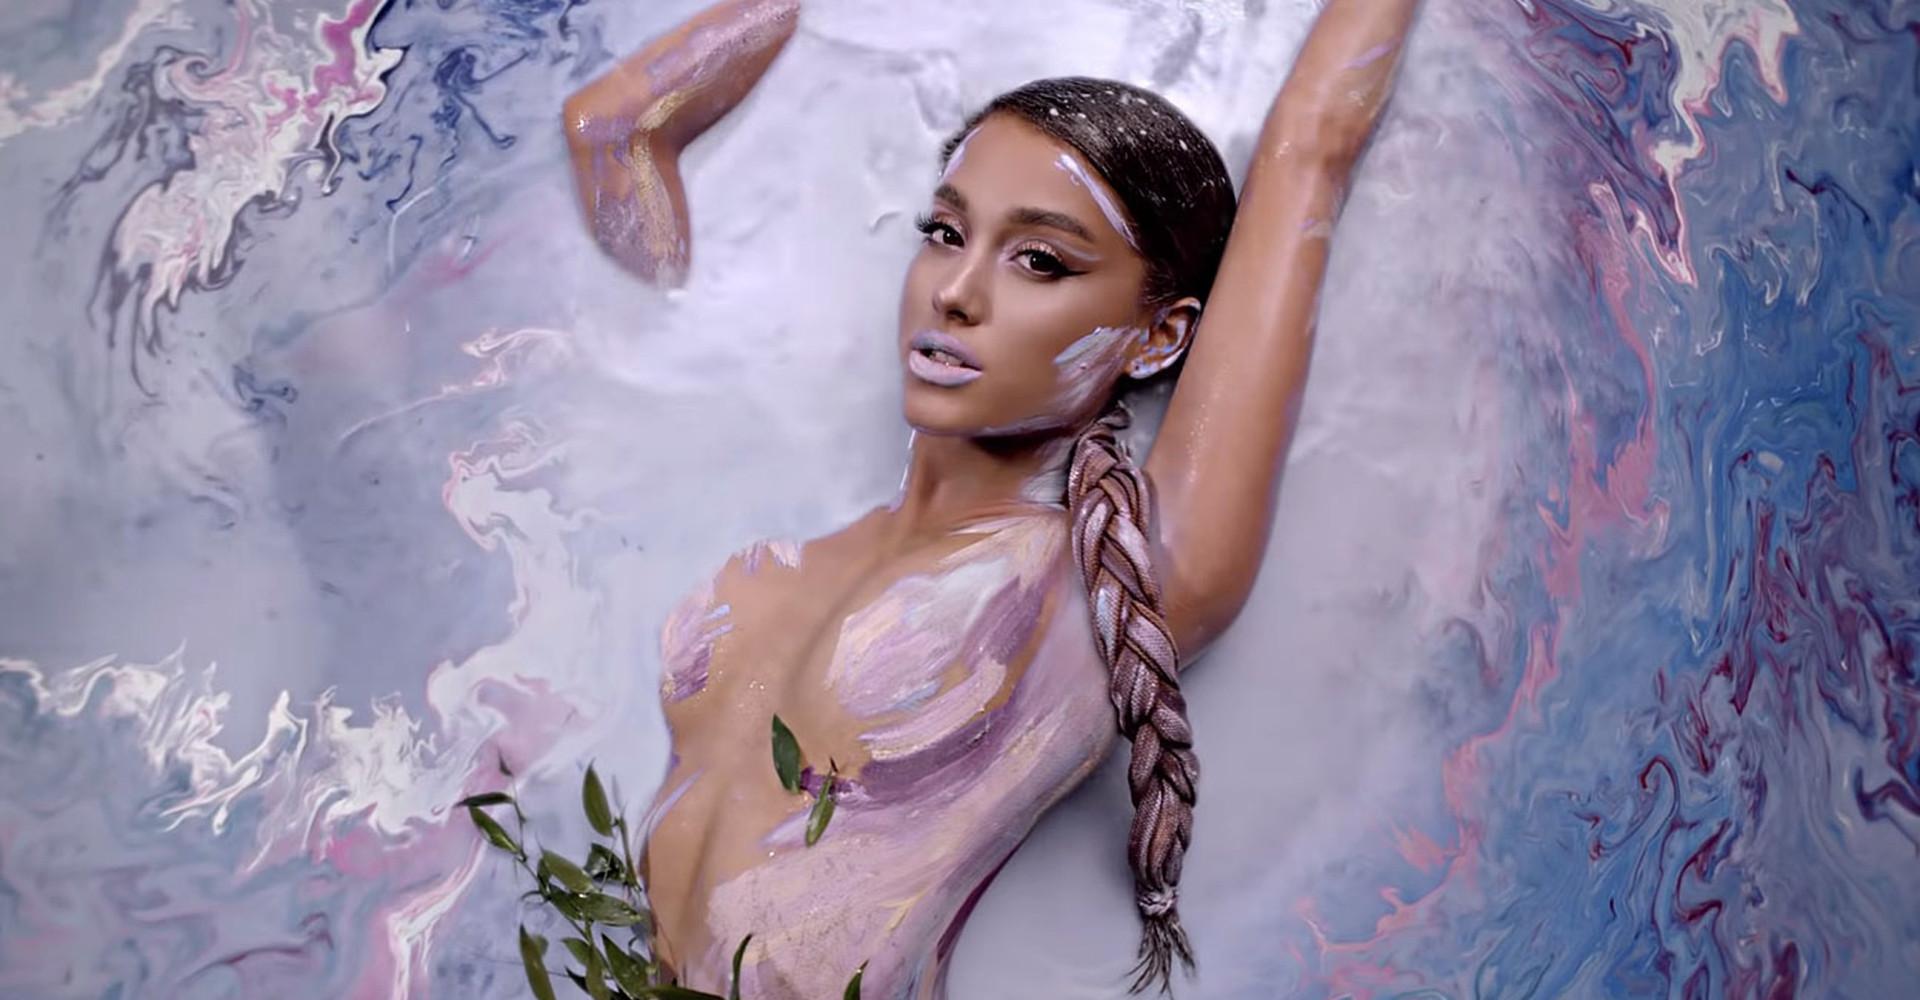 Ariana Grande é processada por plágio em clipe de 'God Is a Woman'